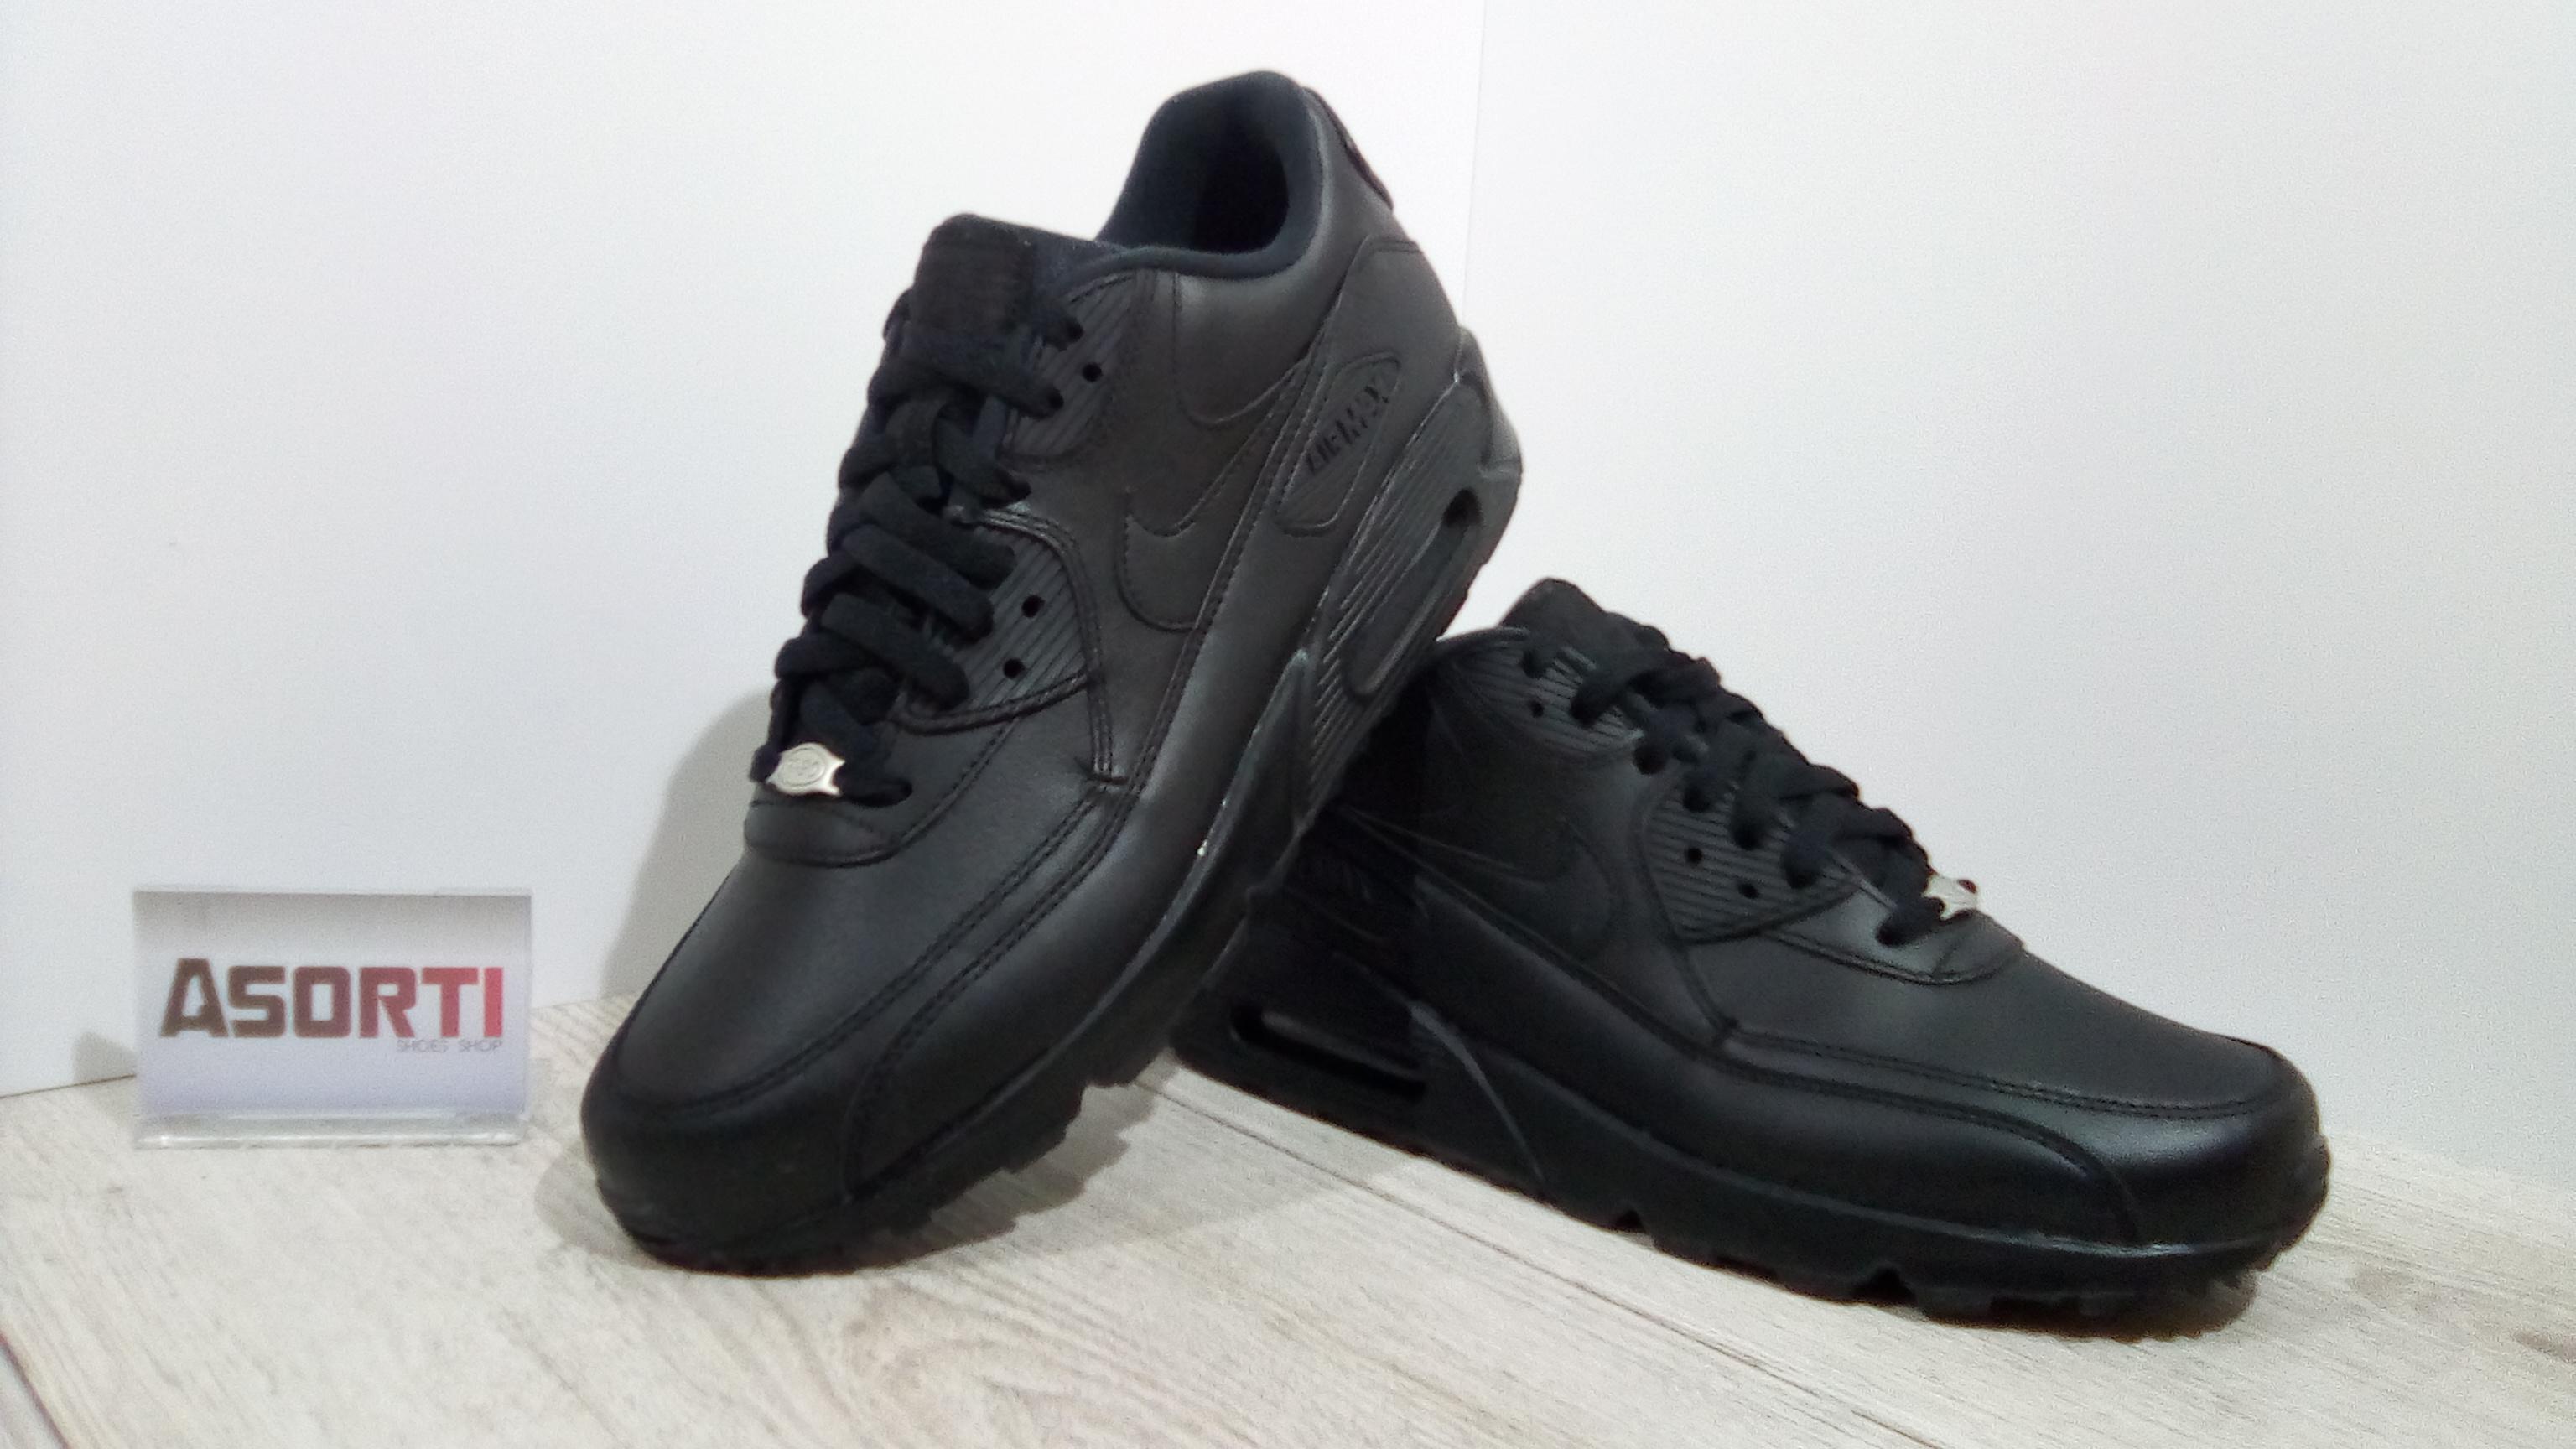 60507b3a1f84 Мужские кроссовки Nike Air Max 90 Leather (302519-001) черные купить ...